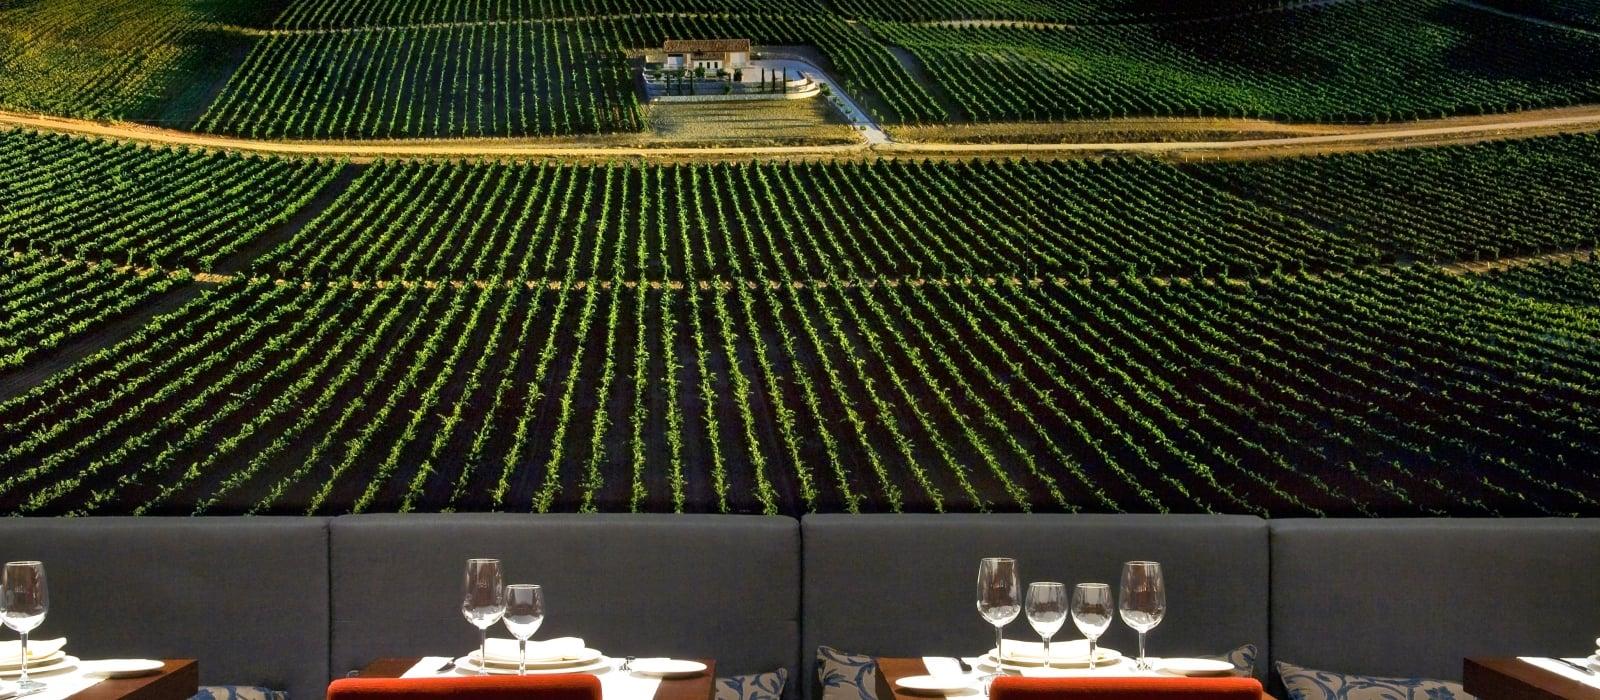 Restaurant Hotel Vincci Valladolid Frontaura - Tastevin Restaurant